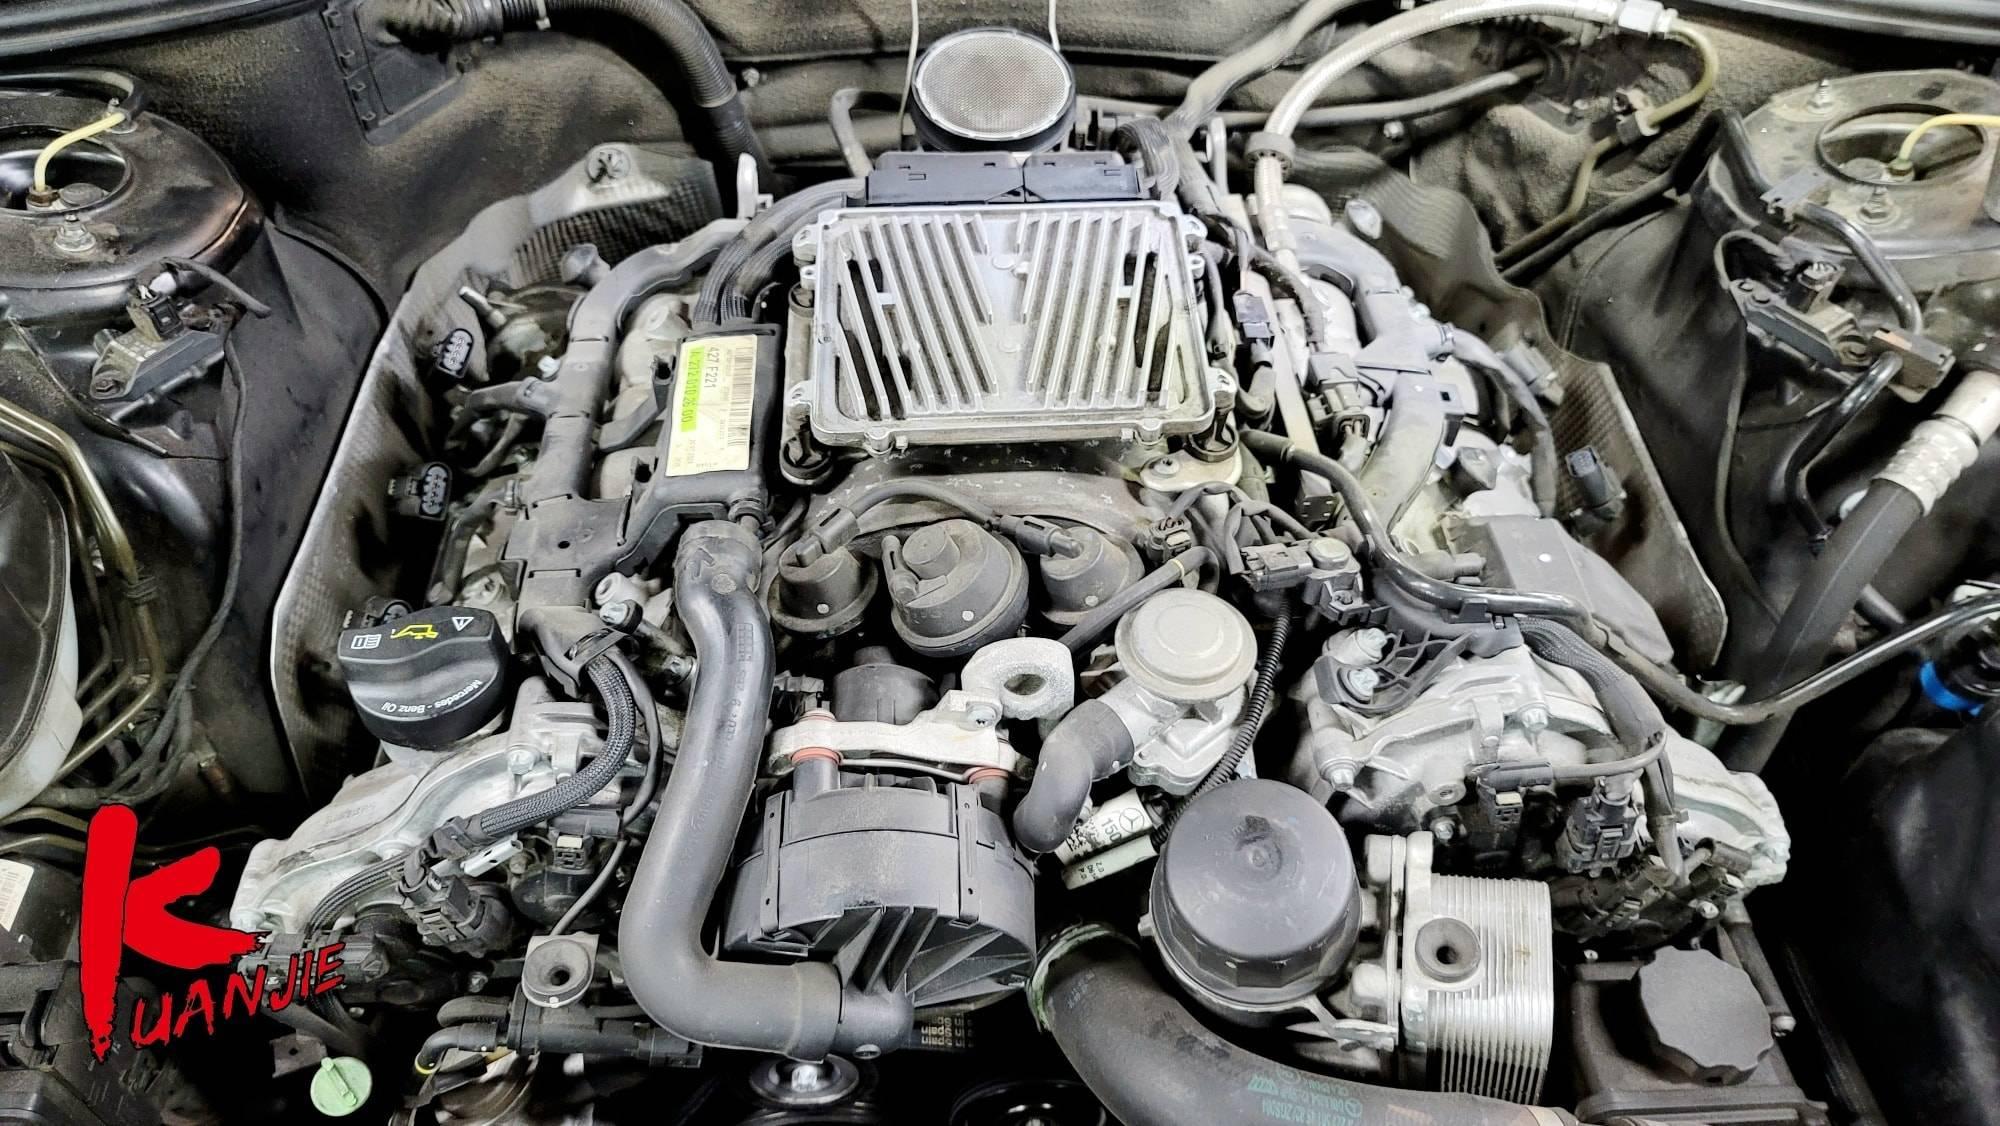 【冠傑汽車】賓士/BENZ W221 S350/引擎抖動嚴重#加速不順#引擎故障燈號#點火異常#火星塞#考爾#OiCar新北市三重區推薦BENZ維修保養預約保障車廠